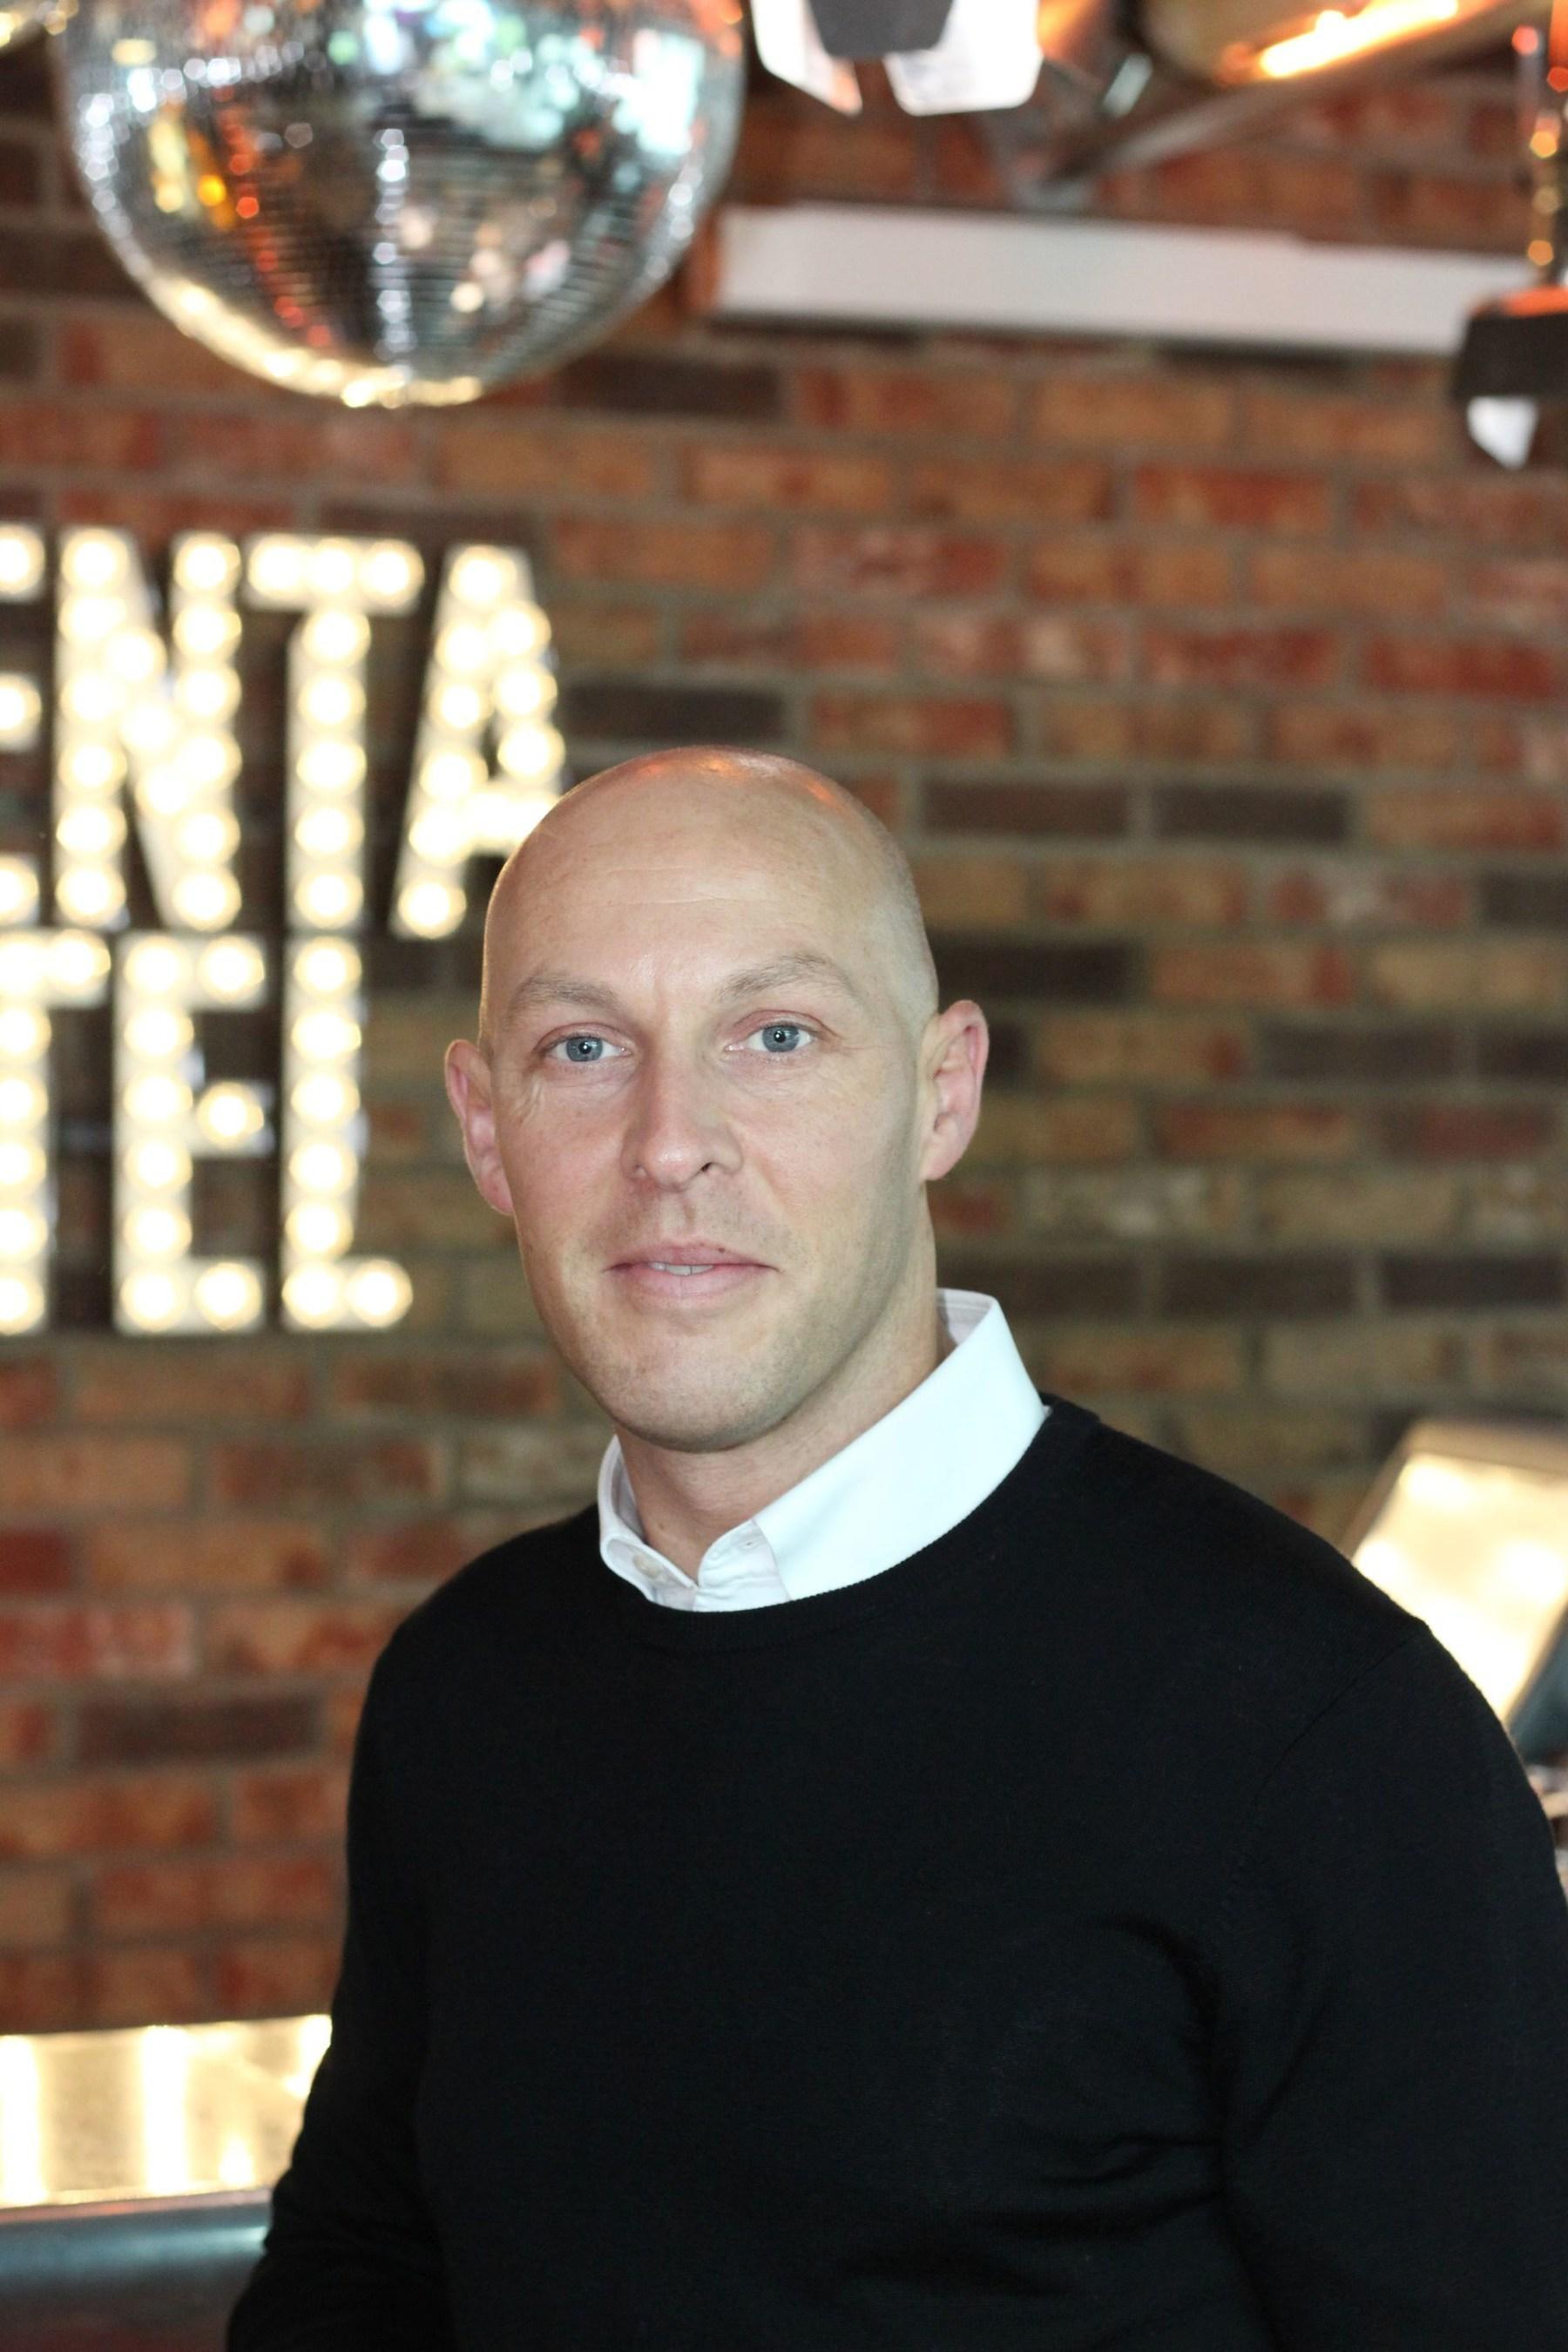 Ben Thomas, pentahotels' Regional General Manager (PRNewsFoto/Pentahotels)